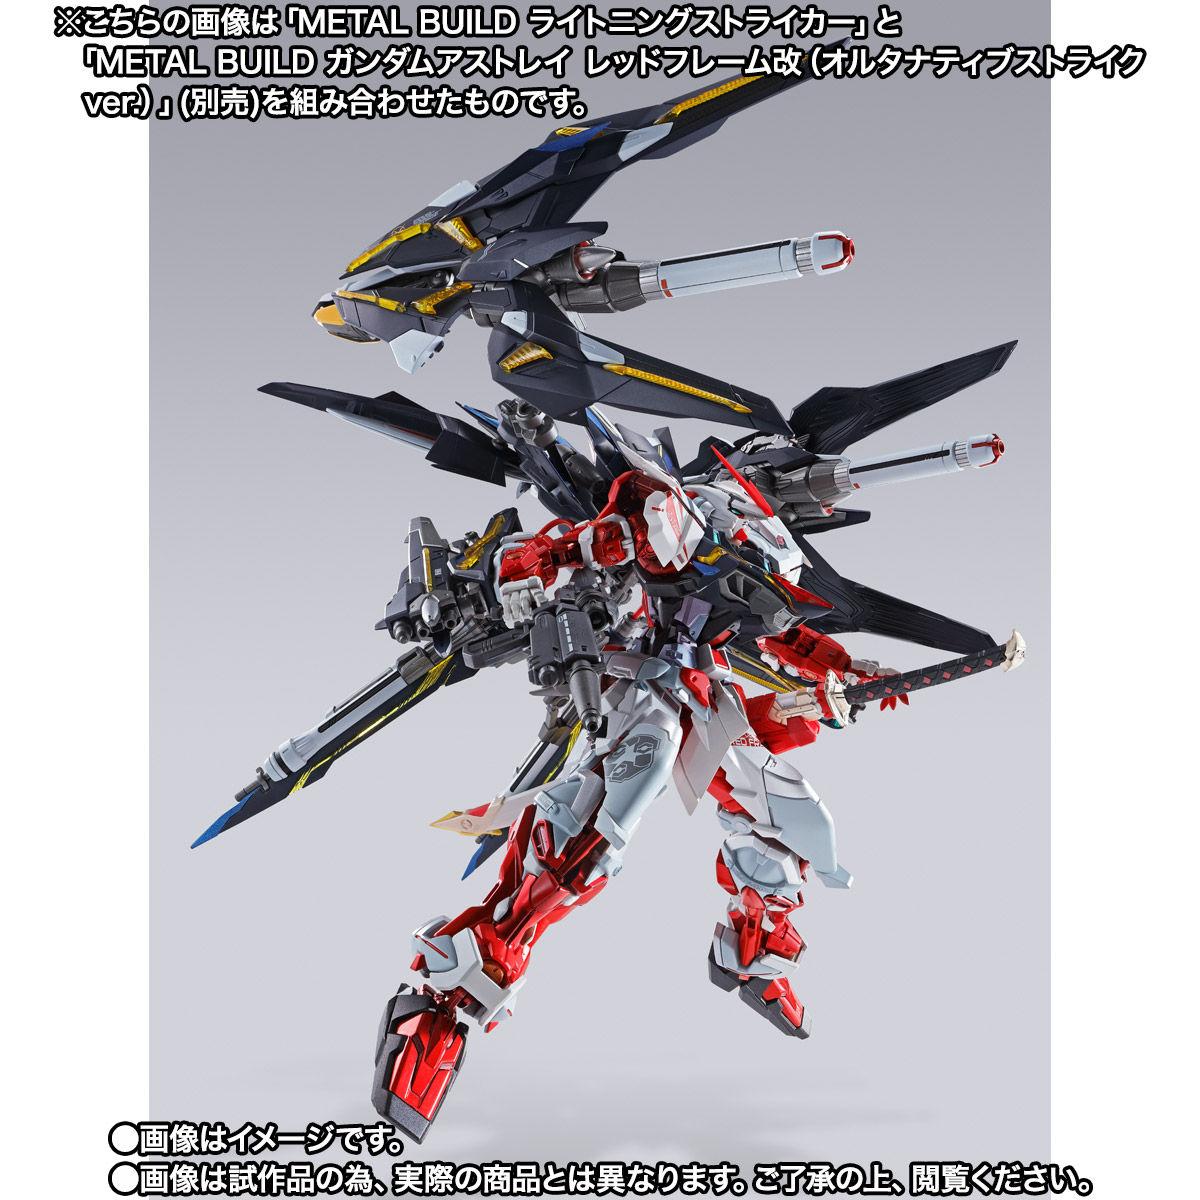 【限定販売】METAL BUILD『ライトニングストライカー』機動戦士ガンダムSEED 可動フィギュア-008